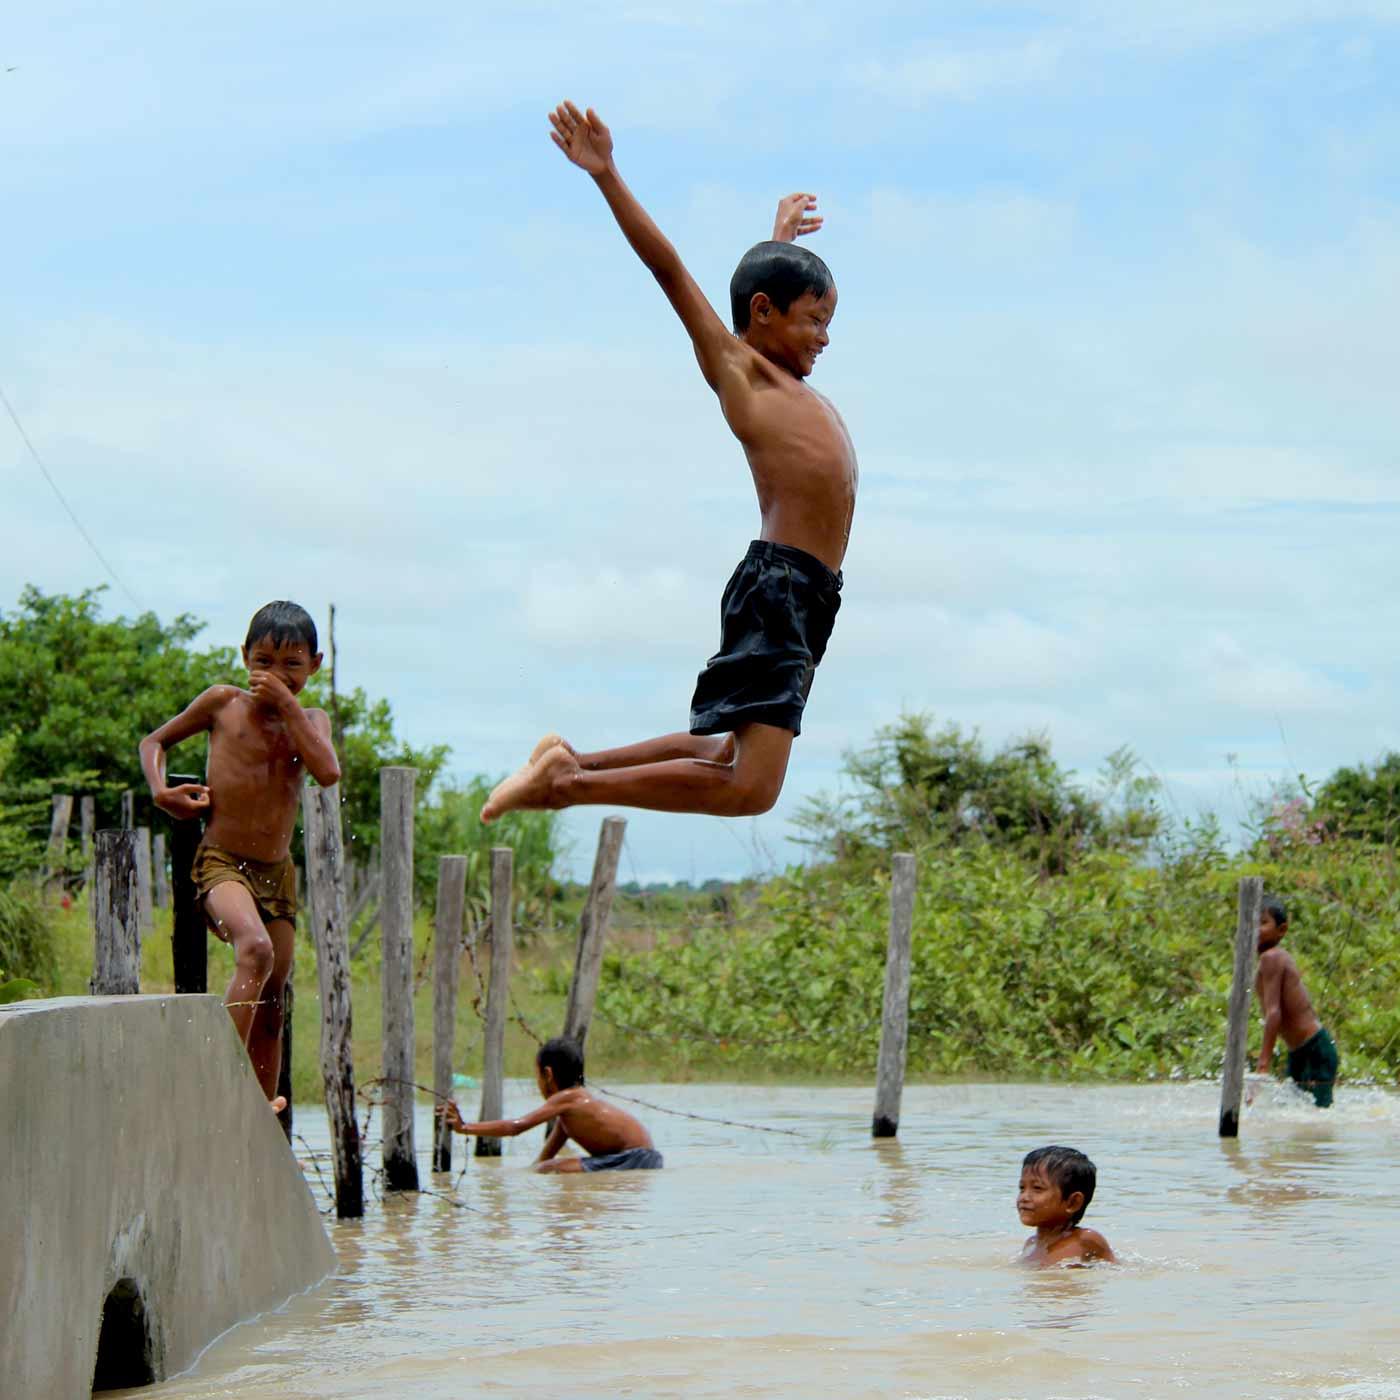 Kinder haben Spaß im Wasser in Siem Reap